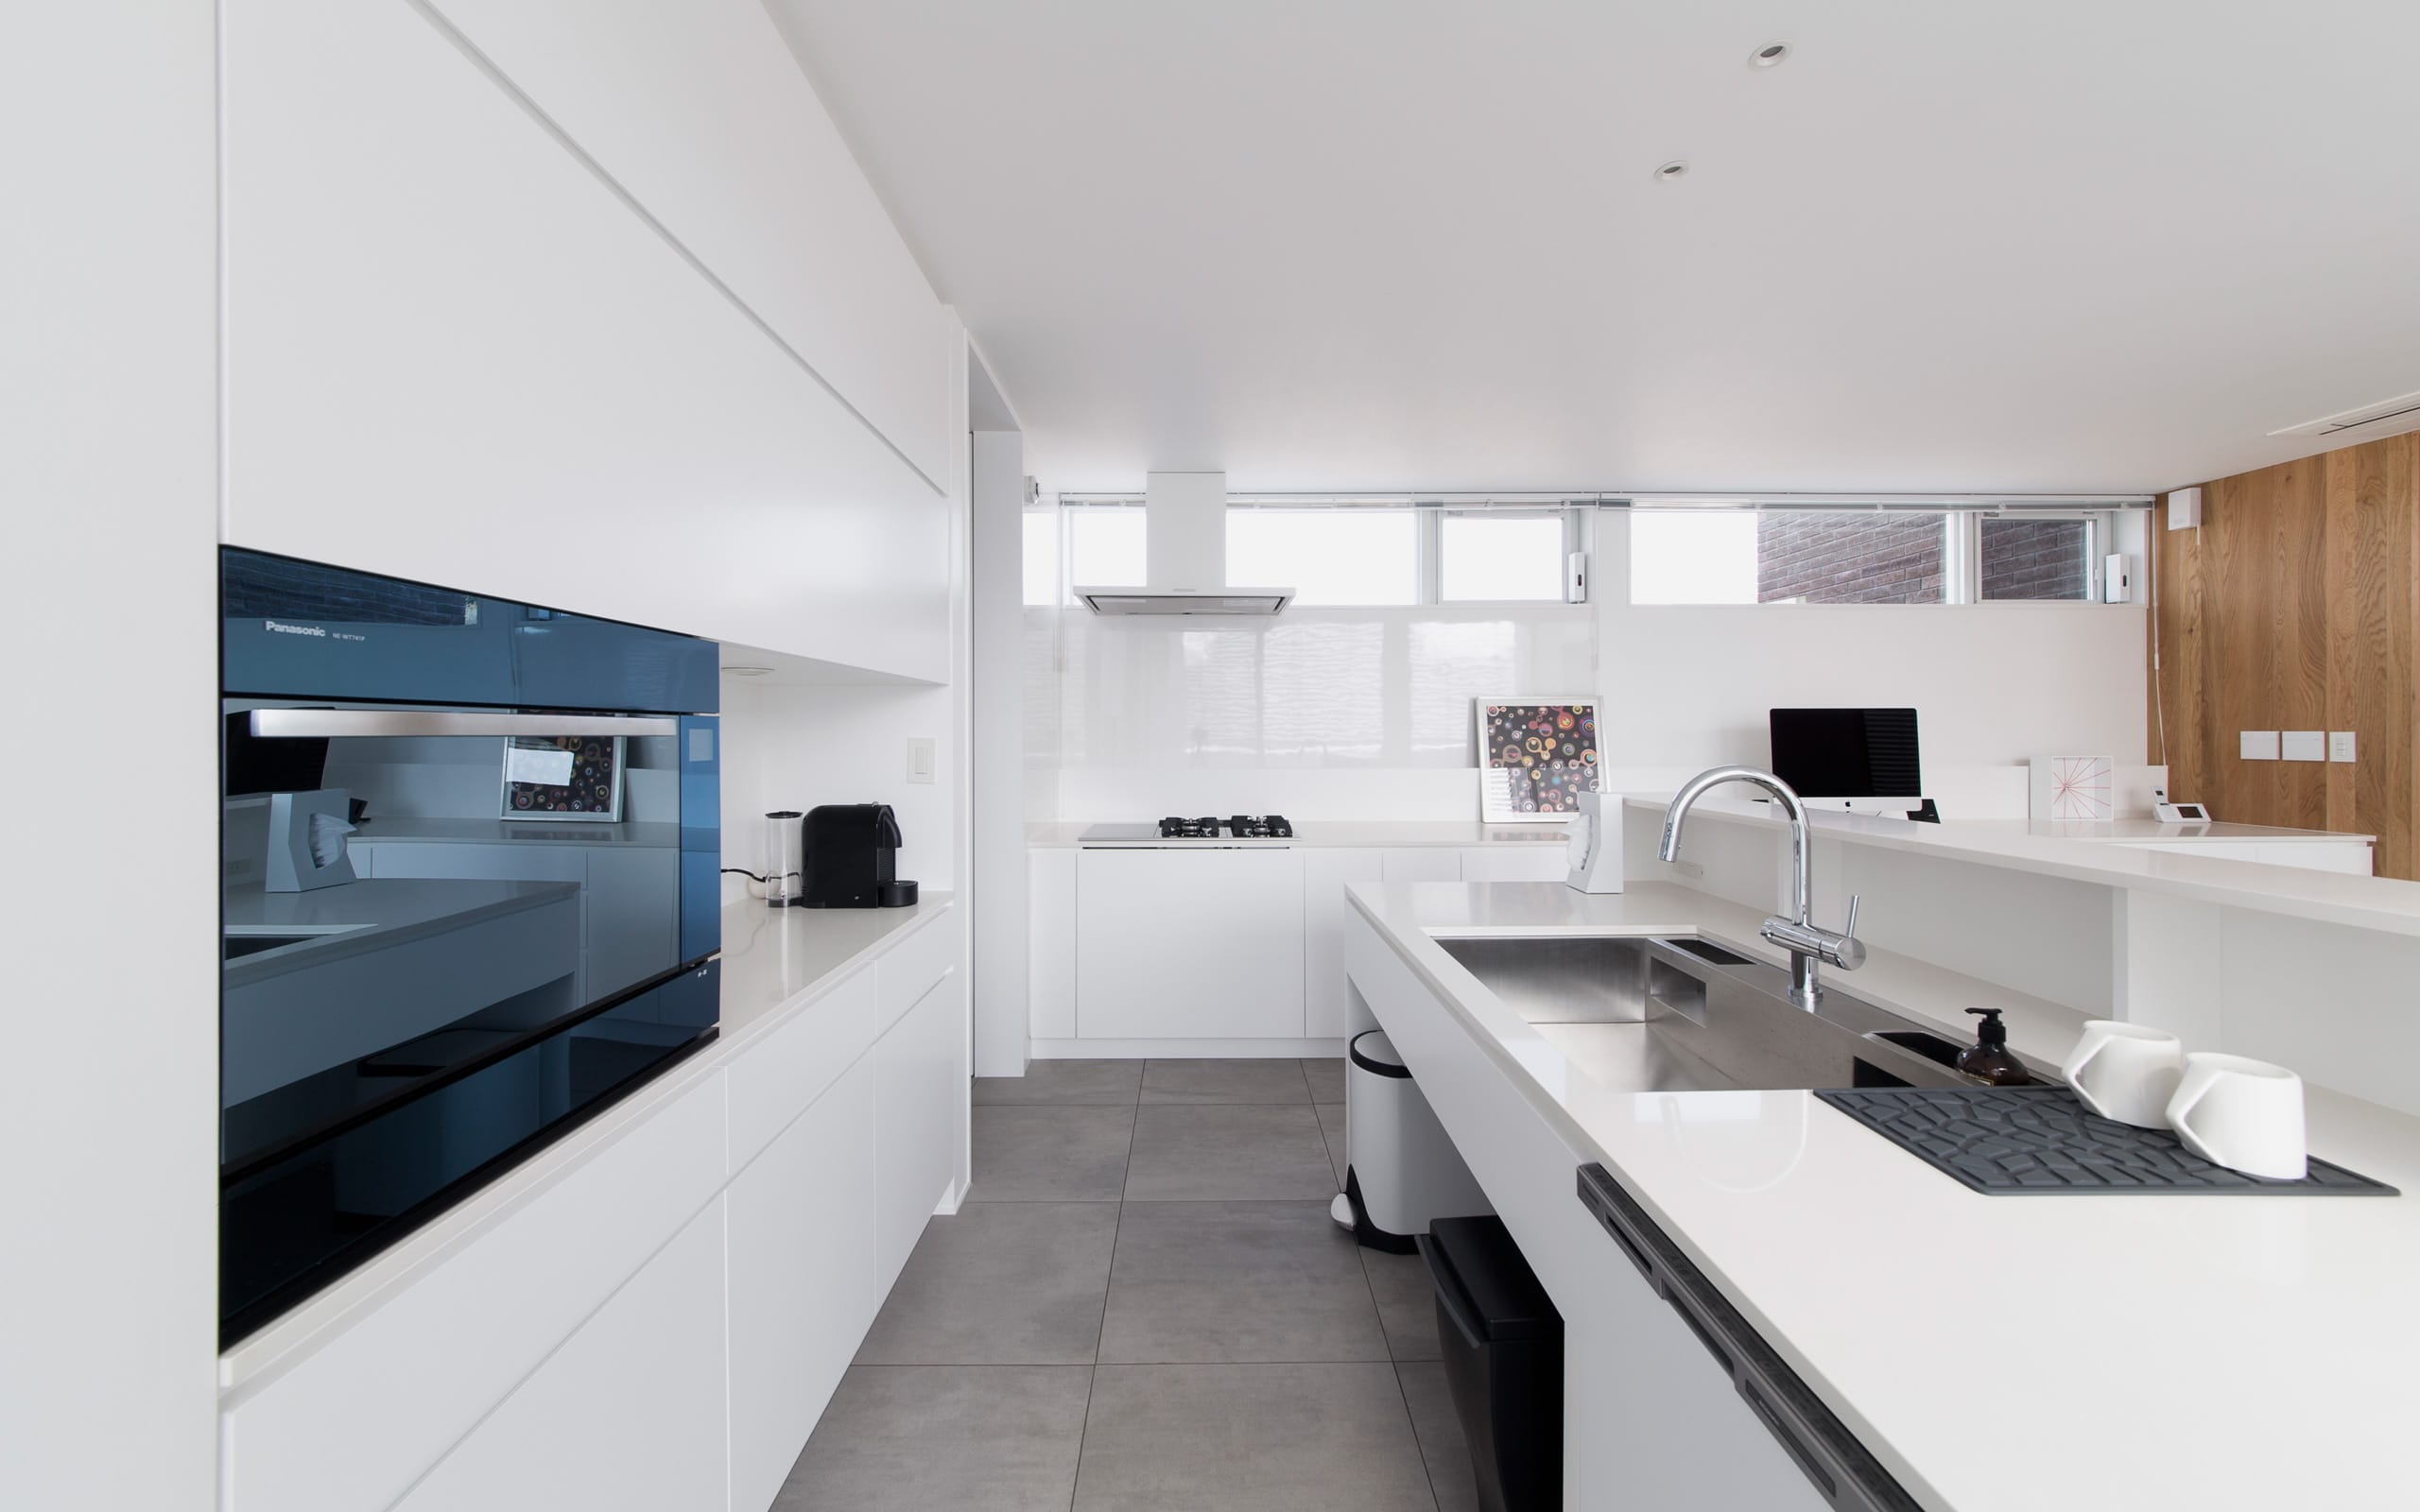 サンルームのある二世帯住宅の収納(キッチン)1